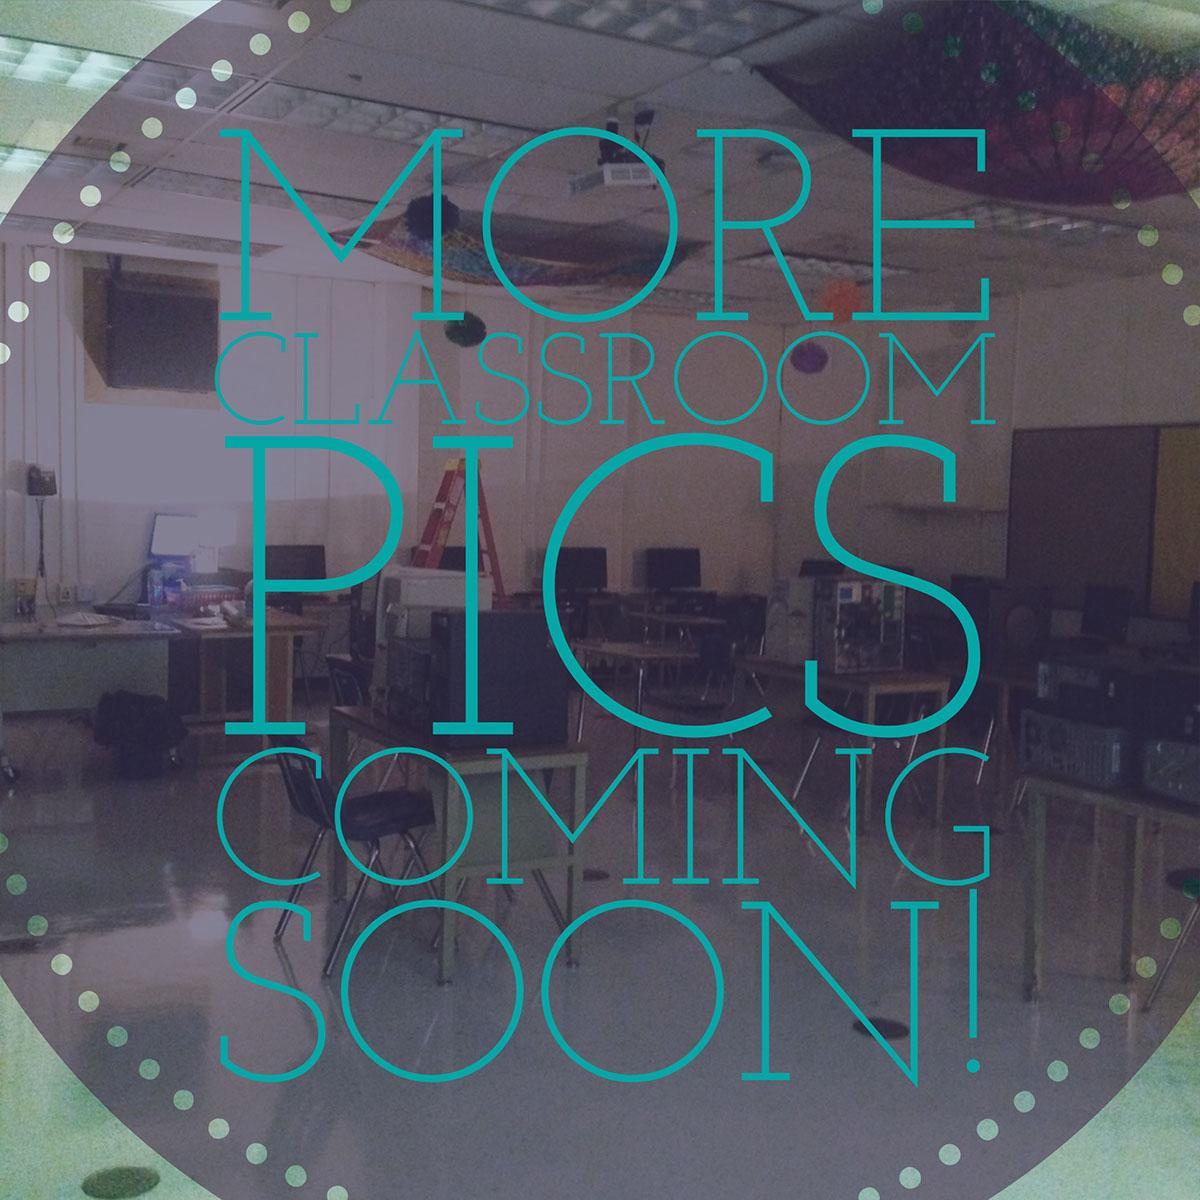 More Classroom Pics Coming Soon! More Classroom Pics Coming Soon!